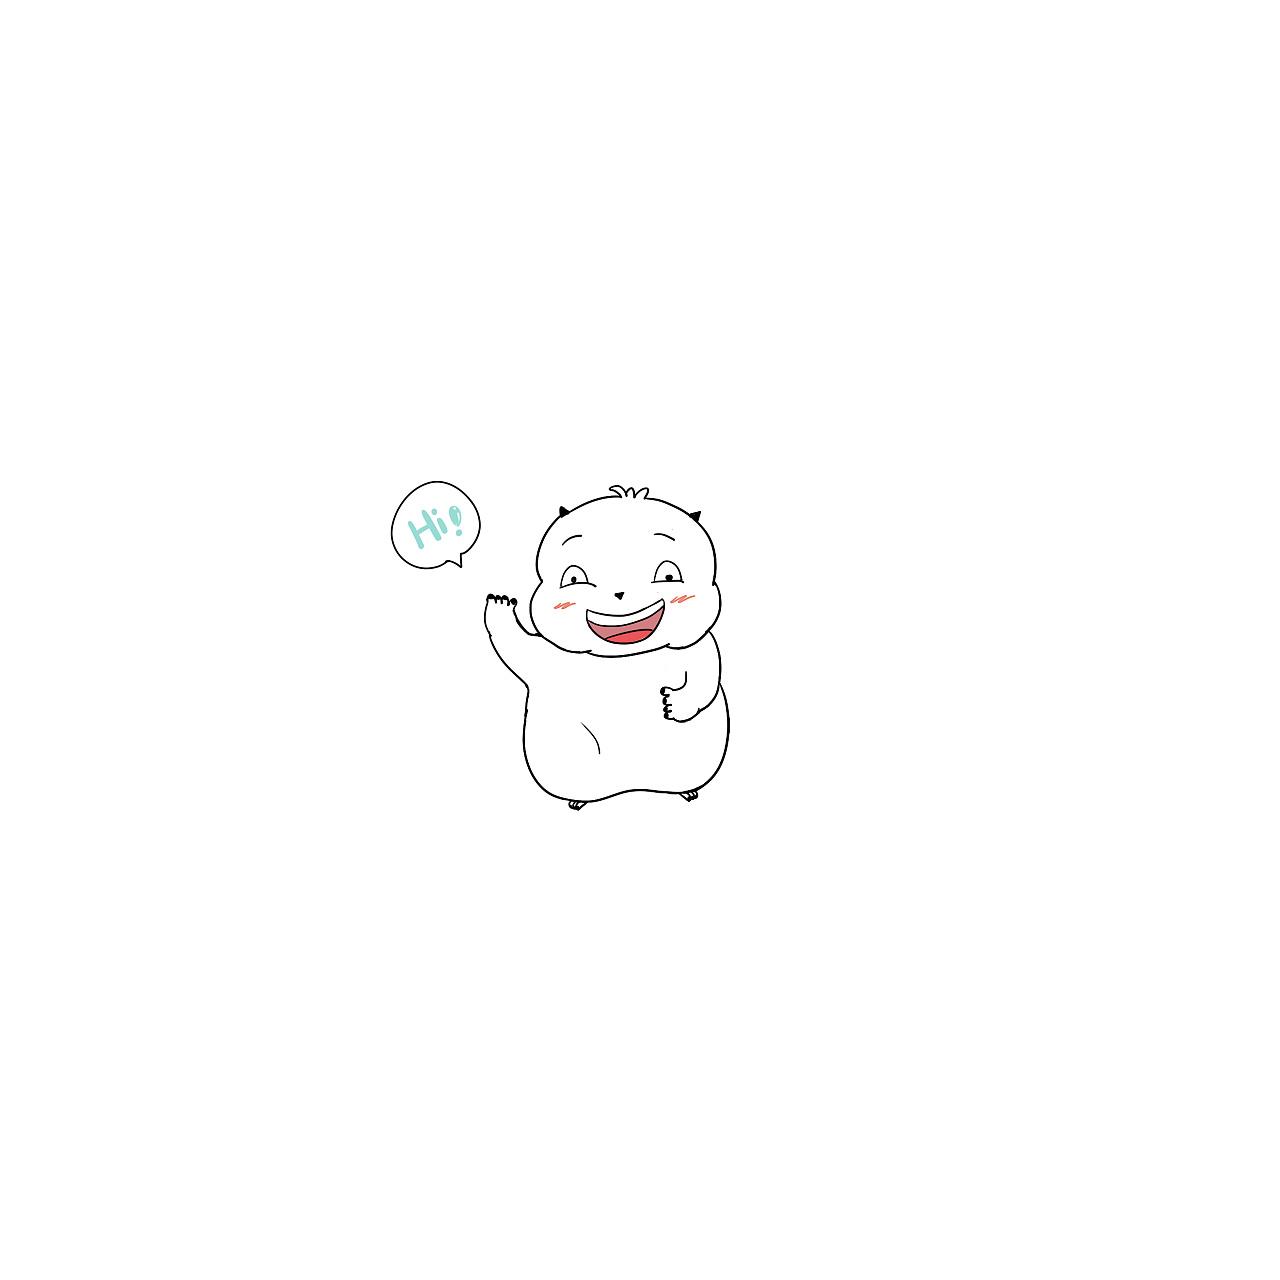 树懒表情包下载 树懒表情包下载_快猴软件下载